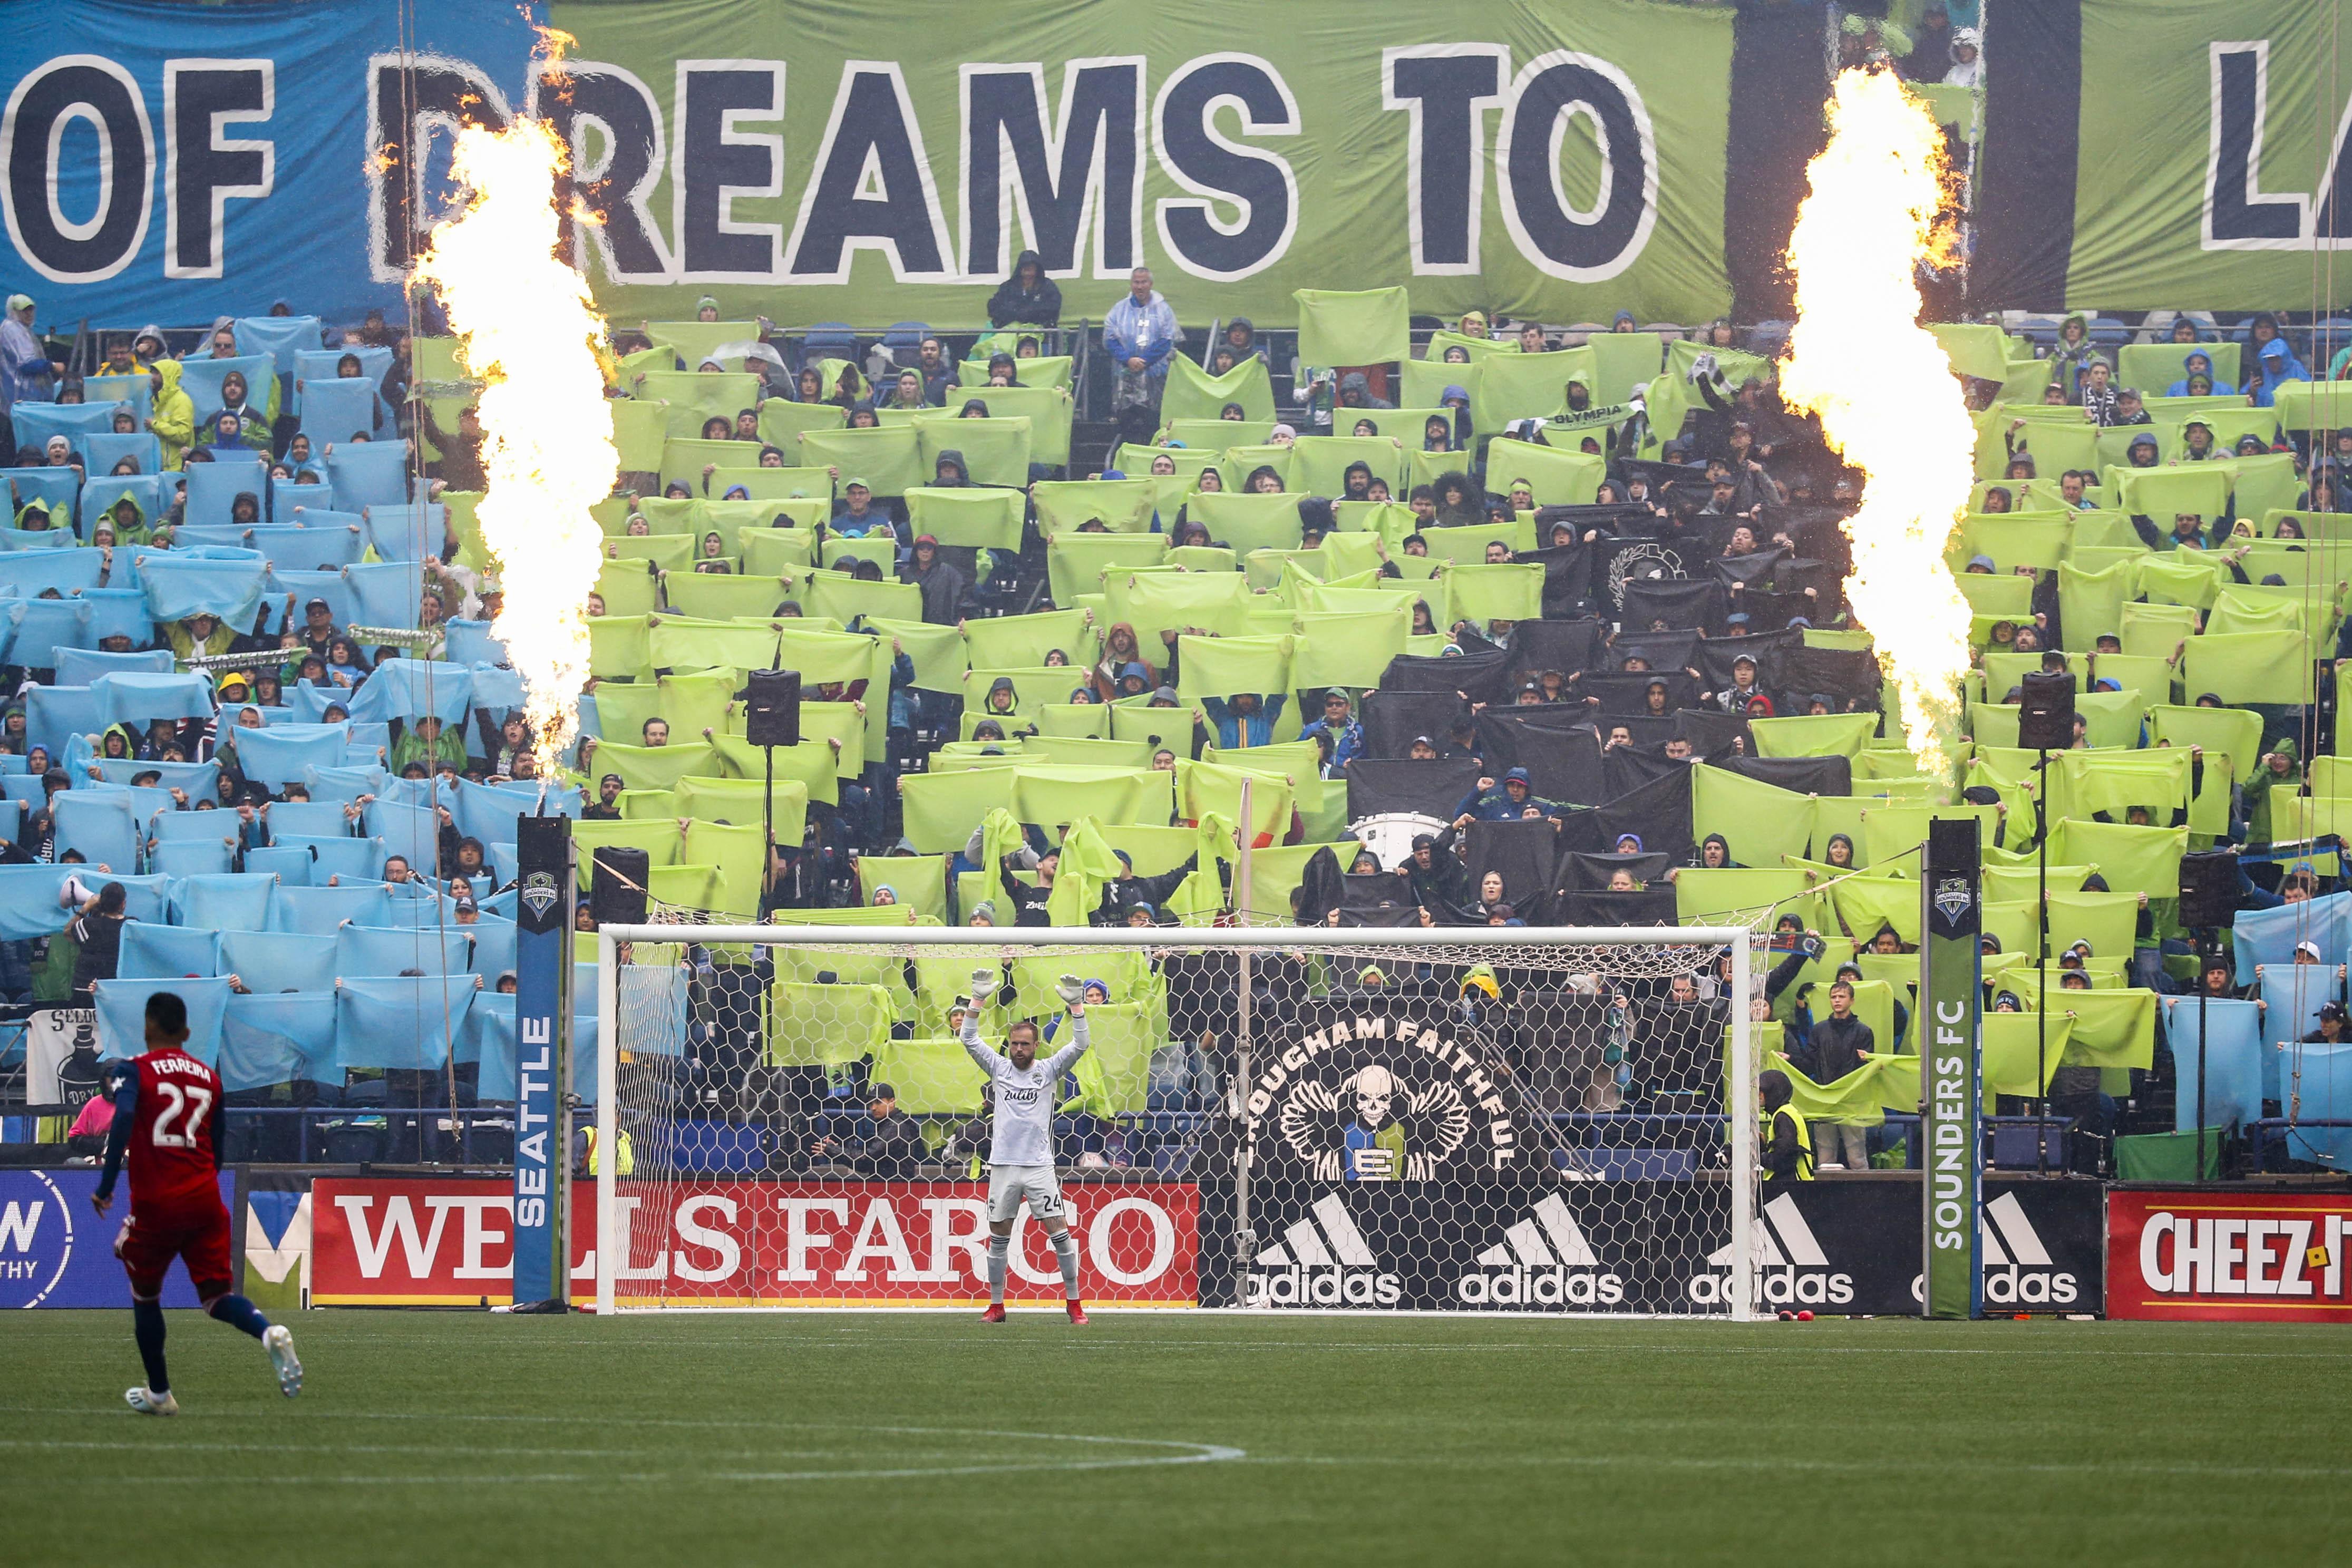 MLS:MLS Cup季后赛 - 西雅图探测器FC的圆形达拉斯